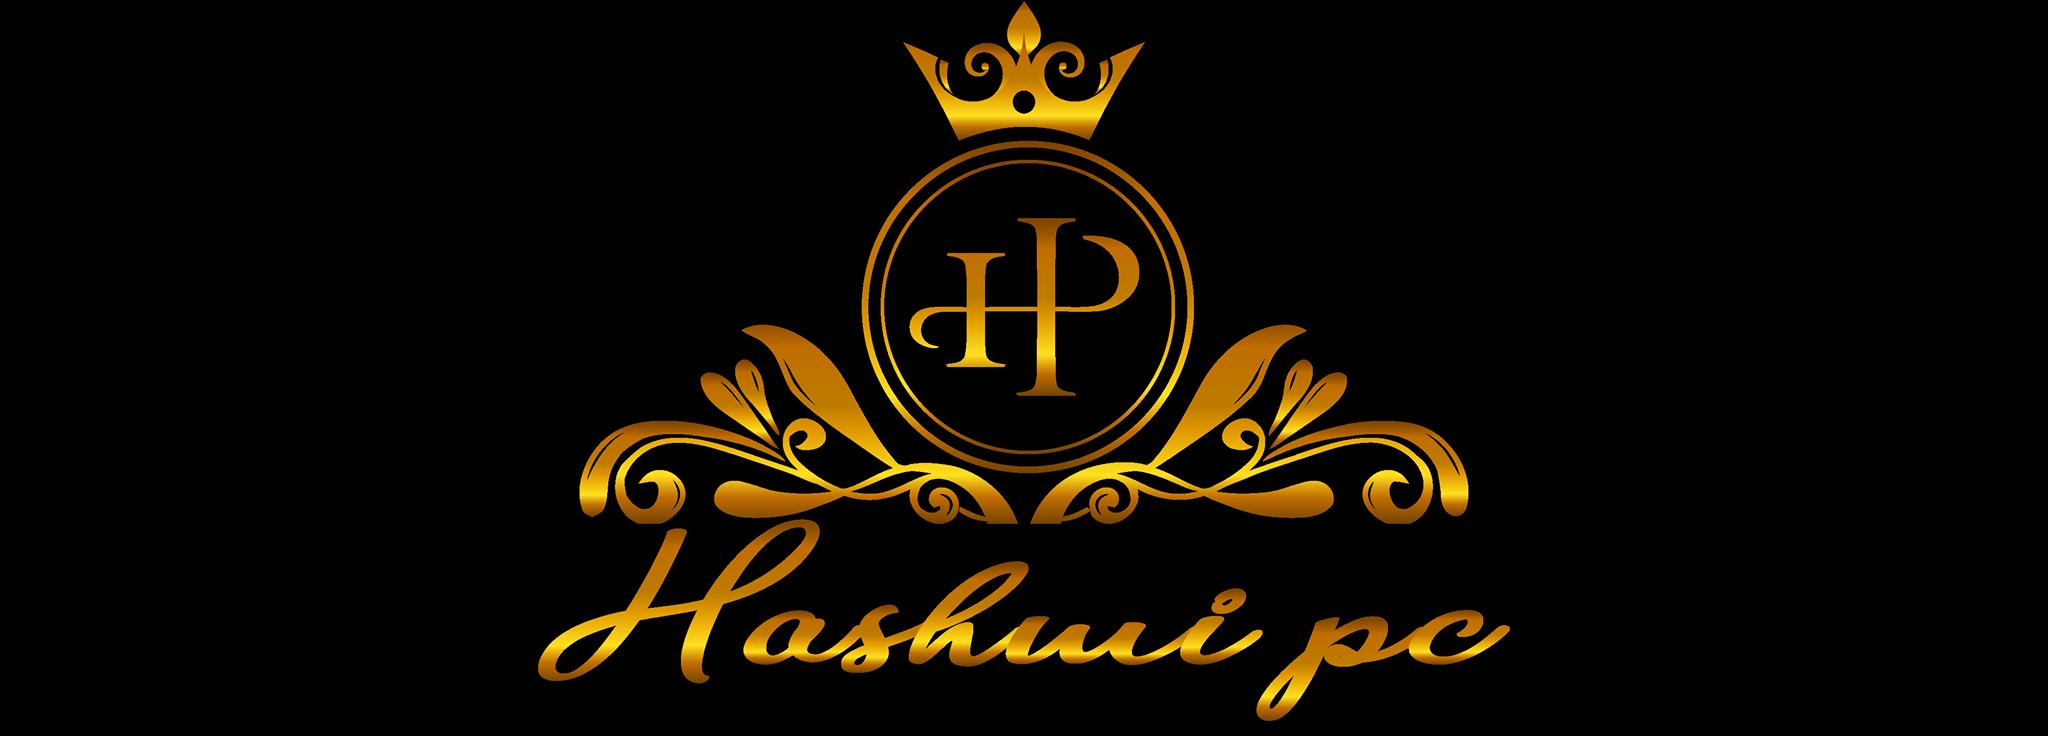 hashmipc